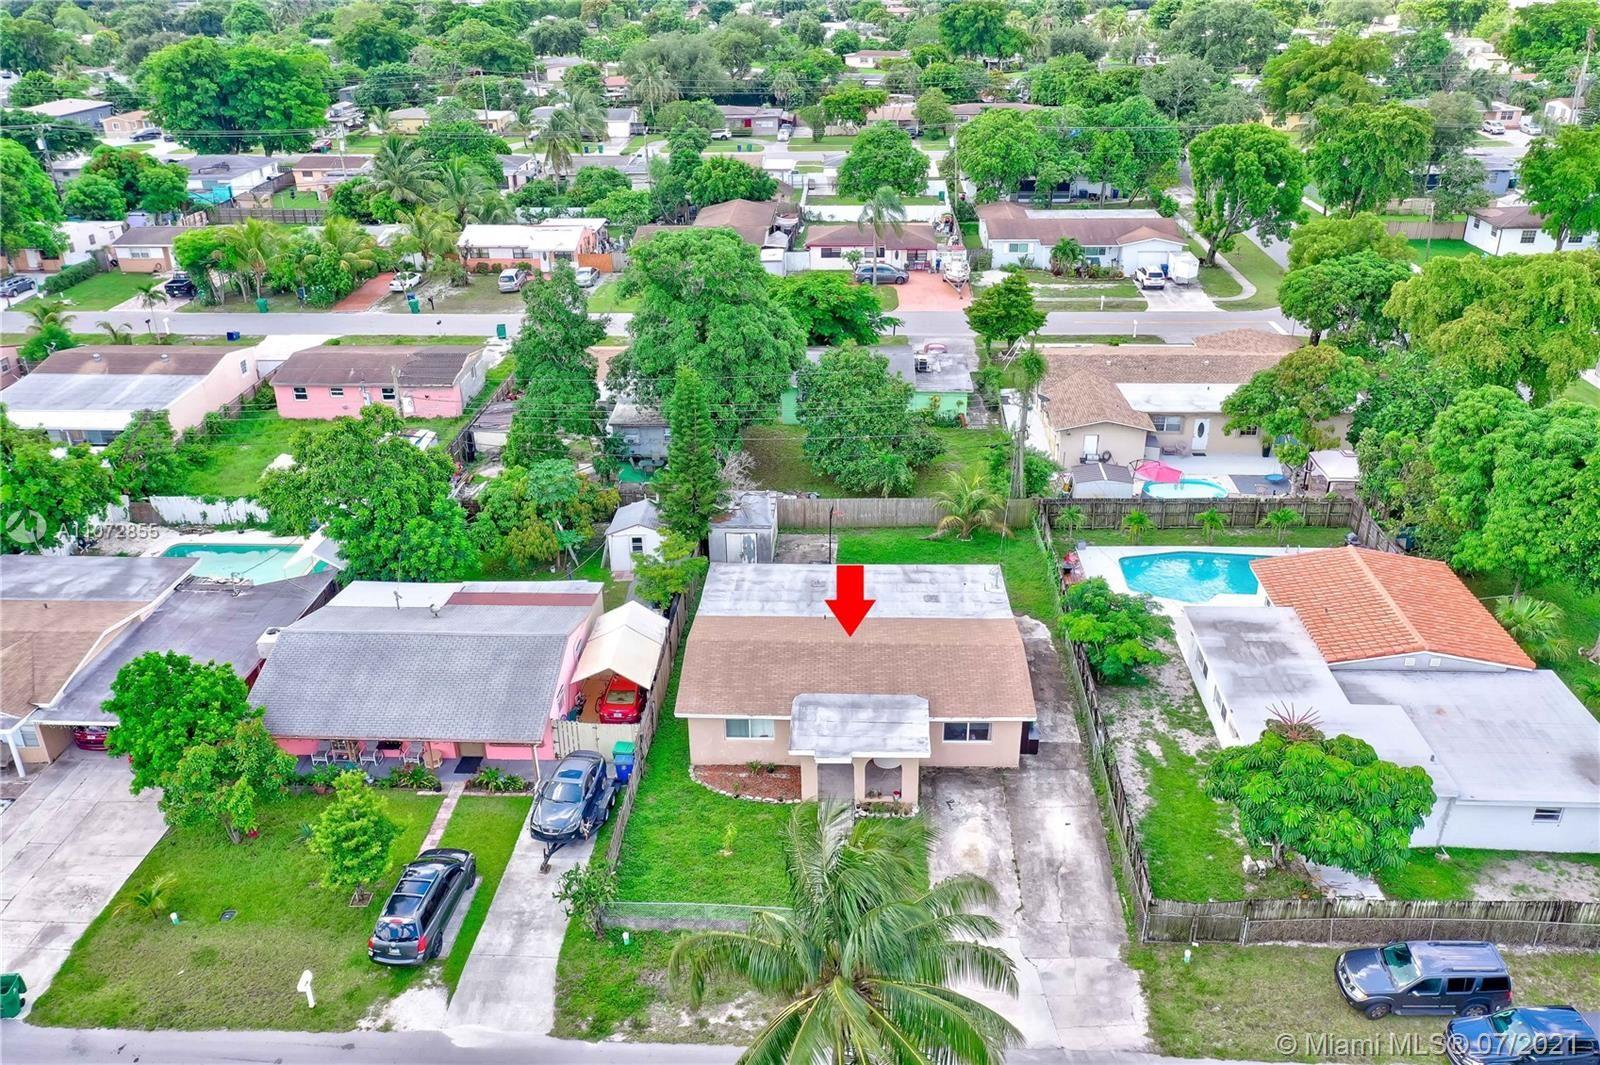 Photo of 6536 SW 23rd St, Miramar, FL 33023 (MLS # A11072855)